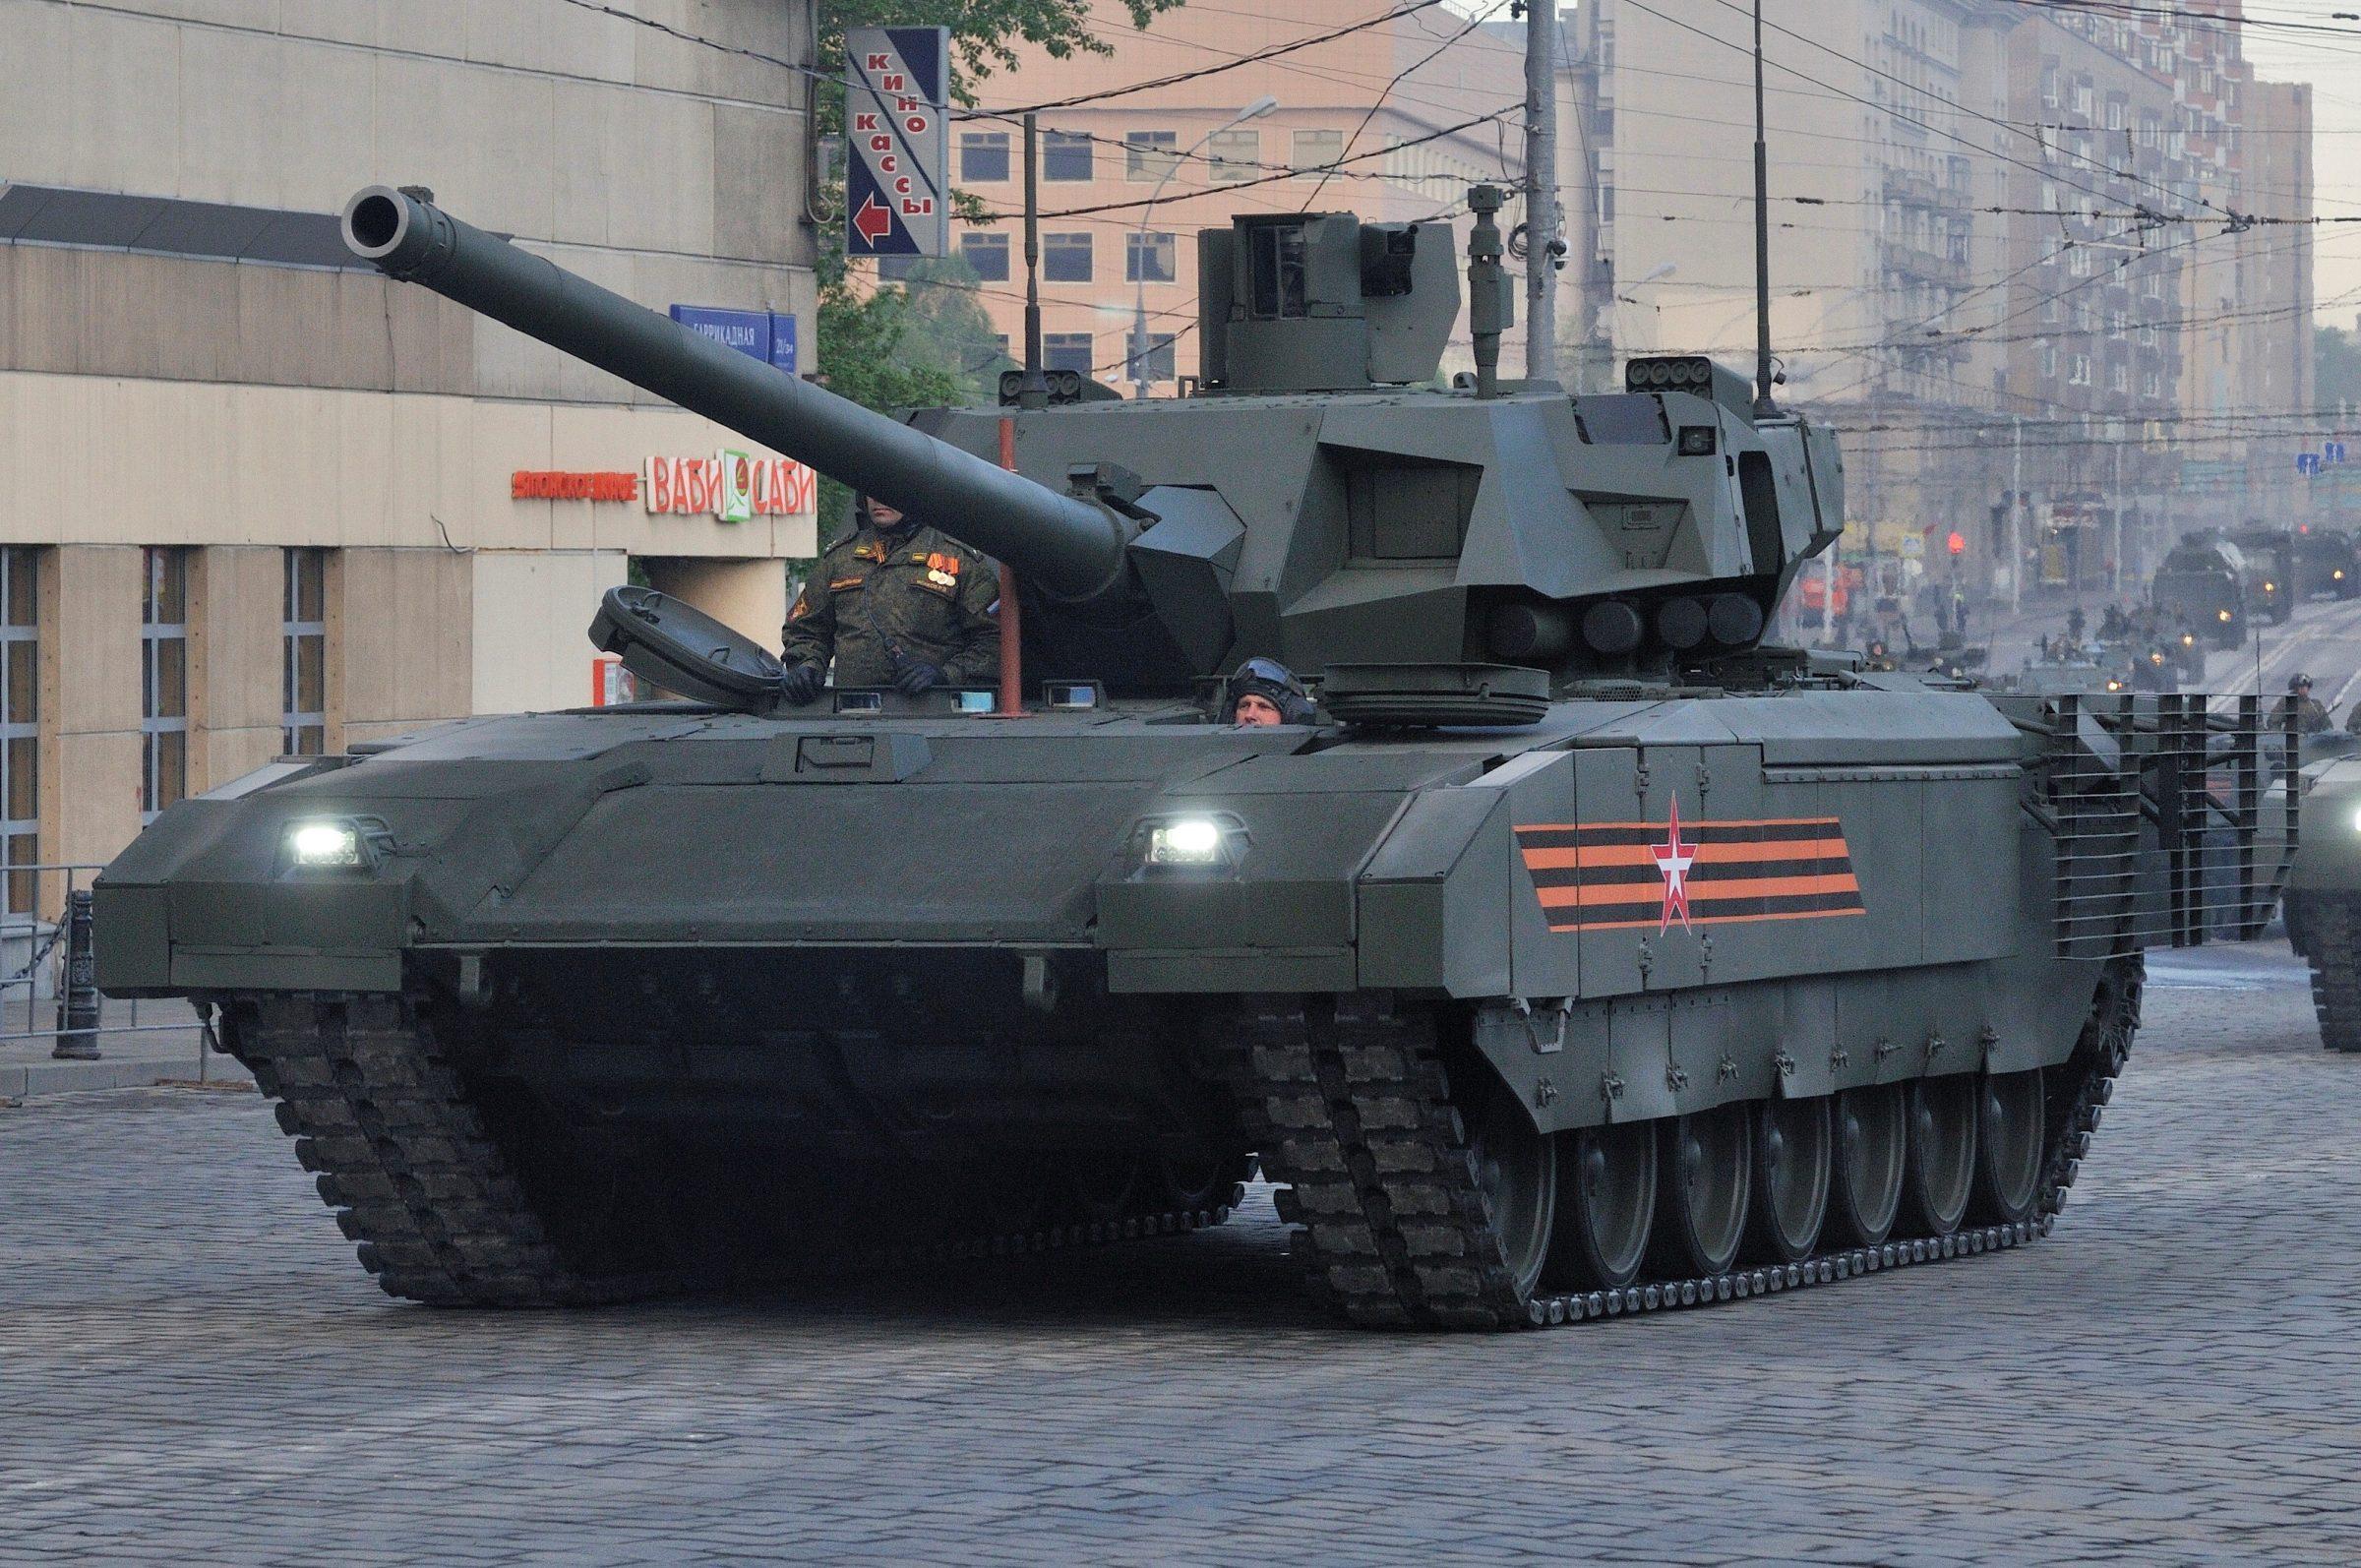 Το ρωσικό τανκ Τ-14 μπορεί να ανιχνεύσει στόχους χωρίς τη συμμετοχή του πληρώματος